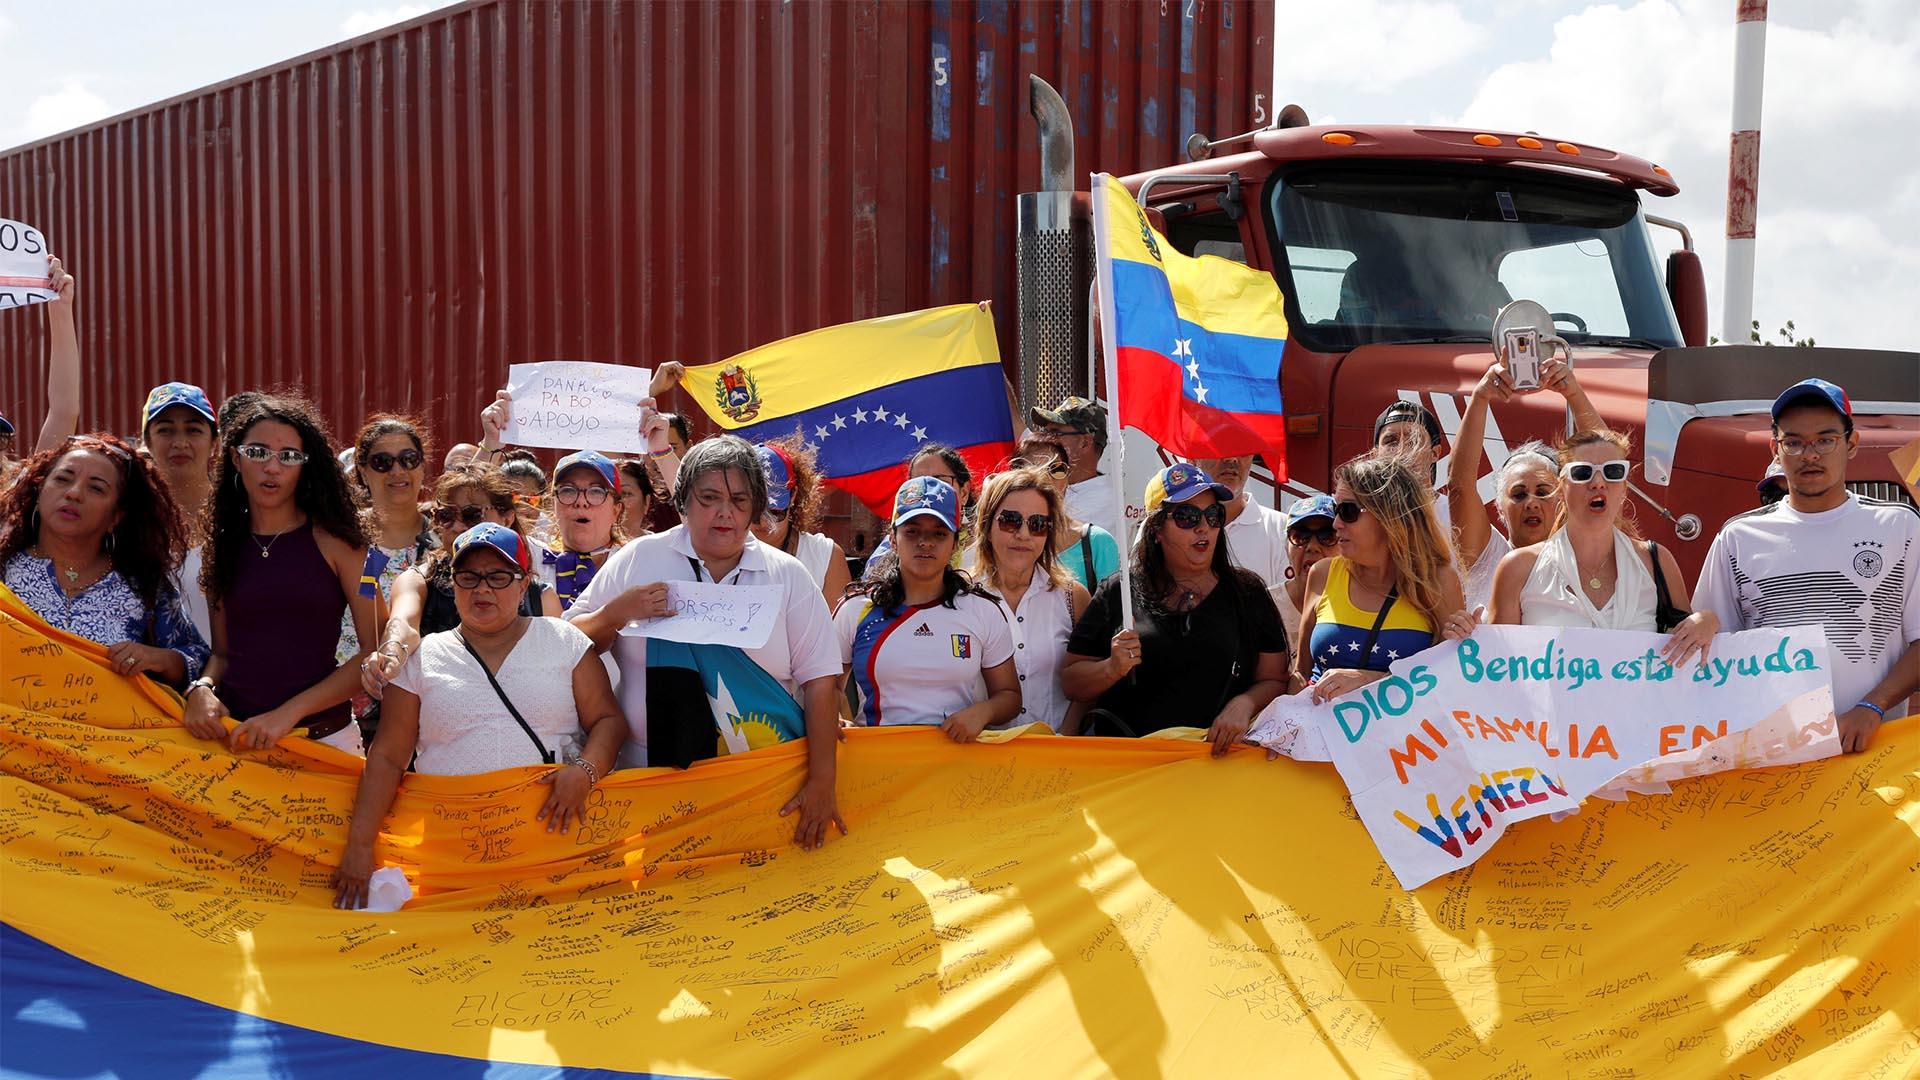 Los simpatizantes del líder opositor de Venezuela, Juan Guaido, sostienen banderas y firmas que respaldan la ayuda humanitaria en el puerto de Willemstad en la isla de Curazao (Reuters)